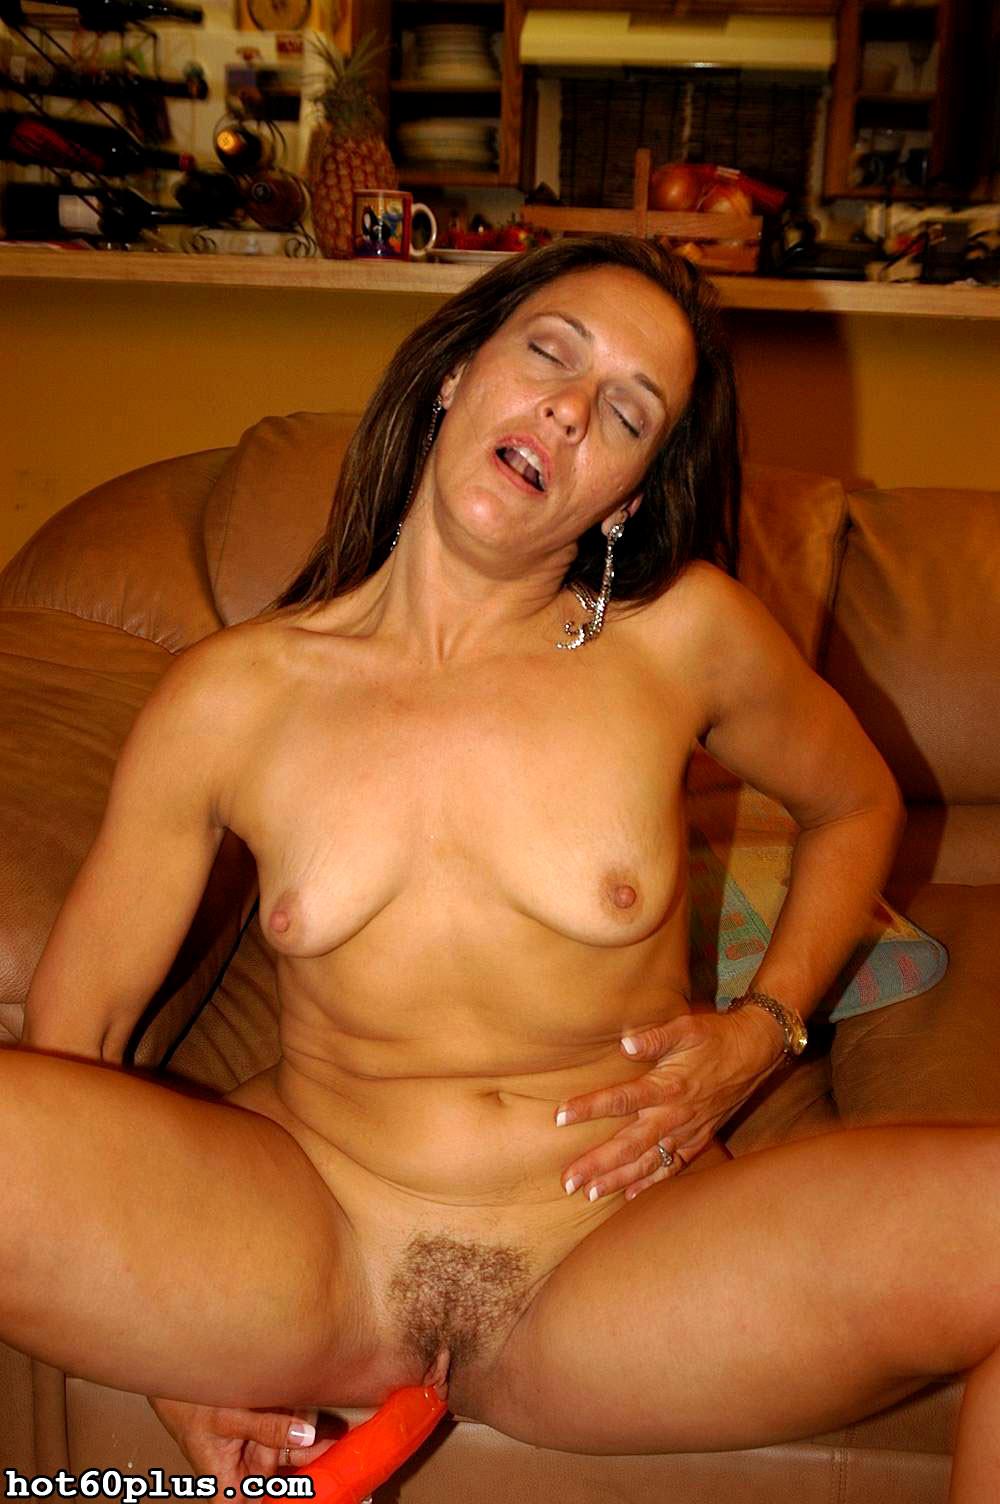 Big latina boobs tgp